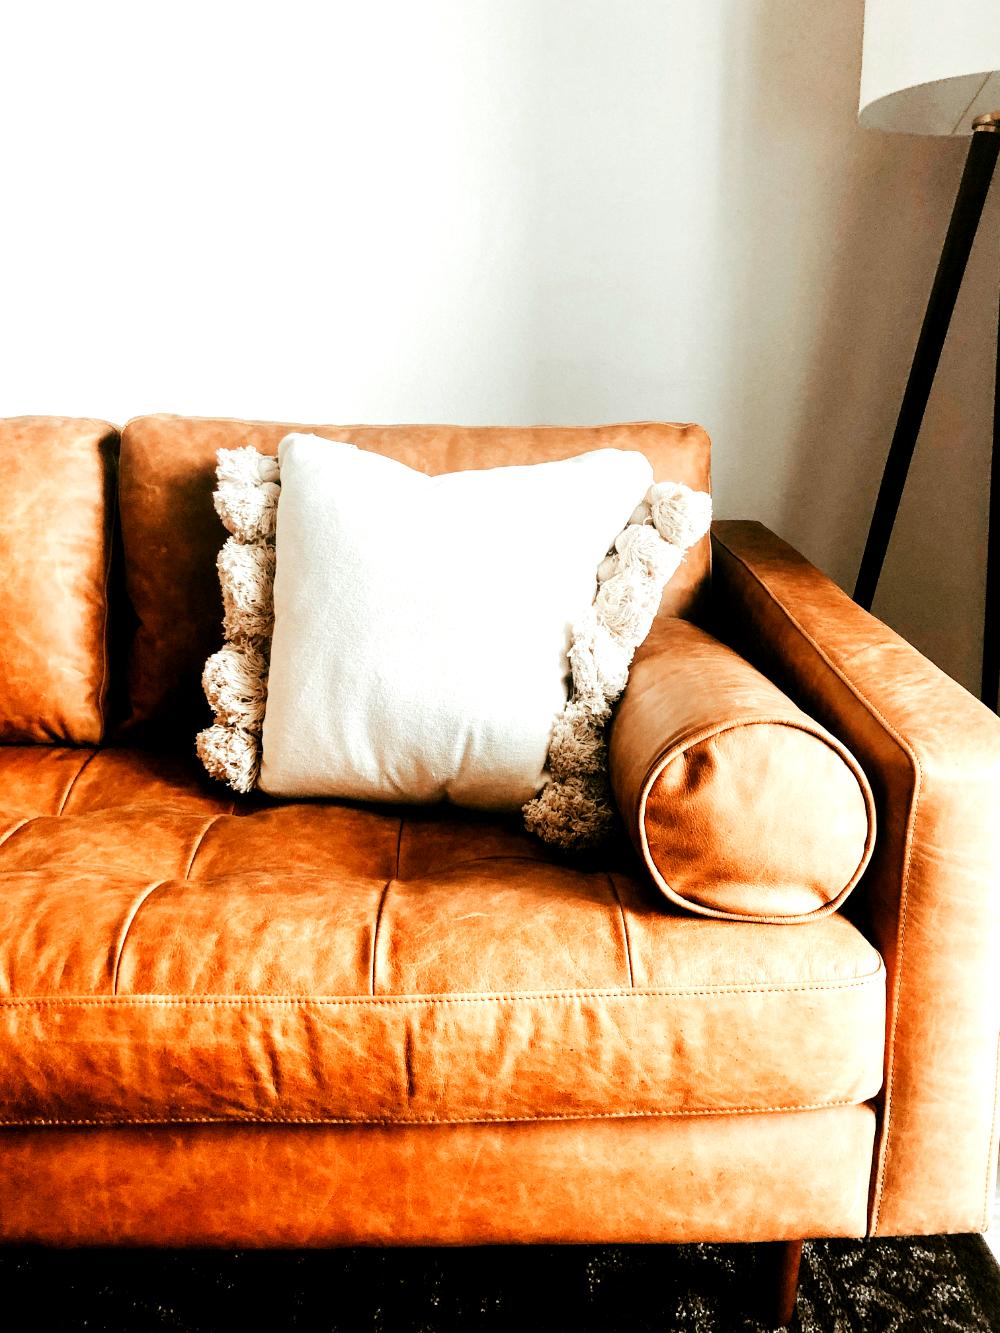 Orange couch from Unsplash